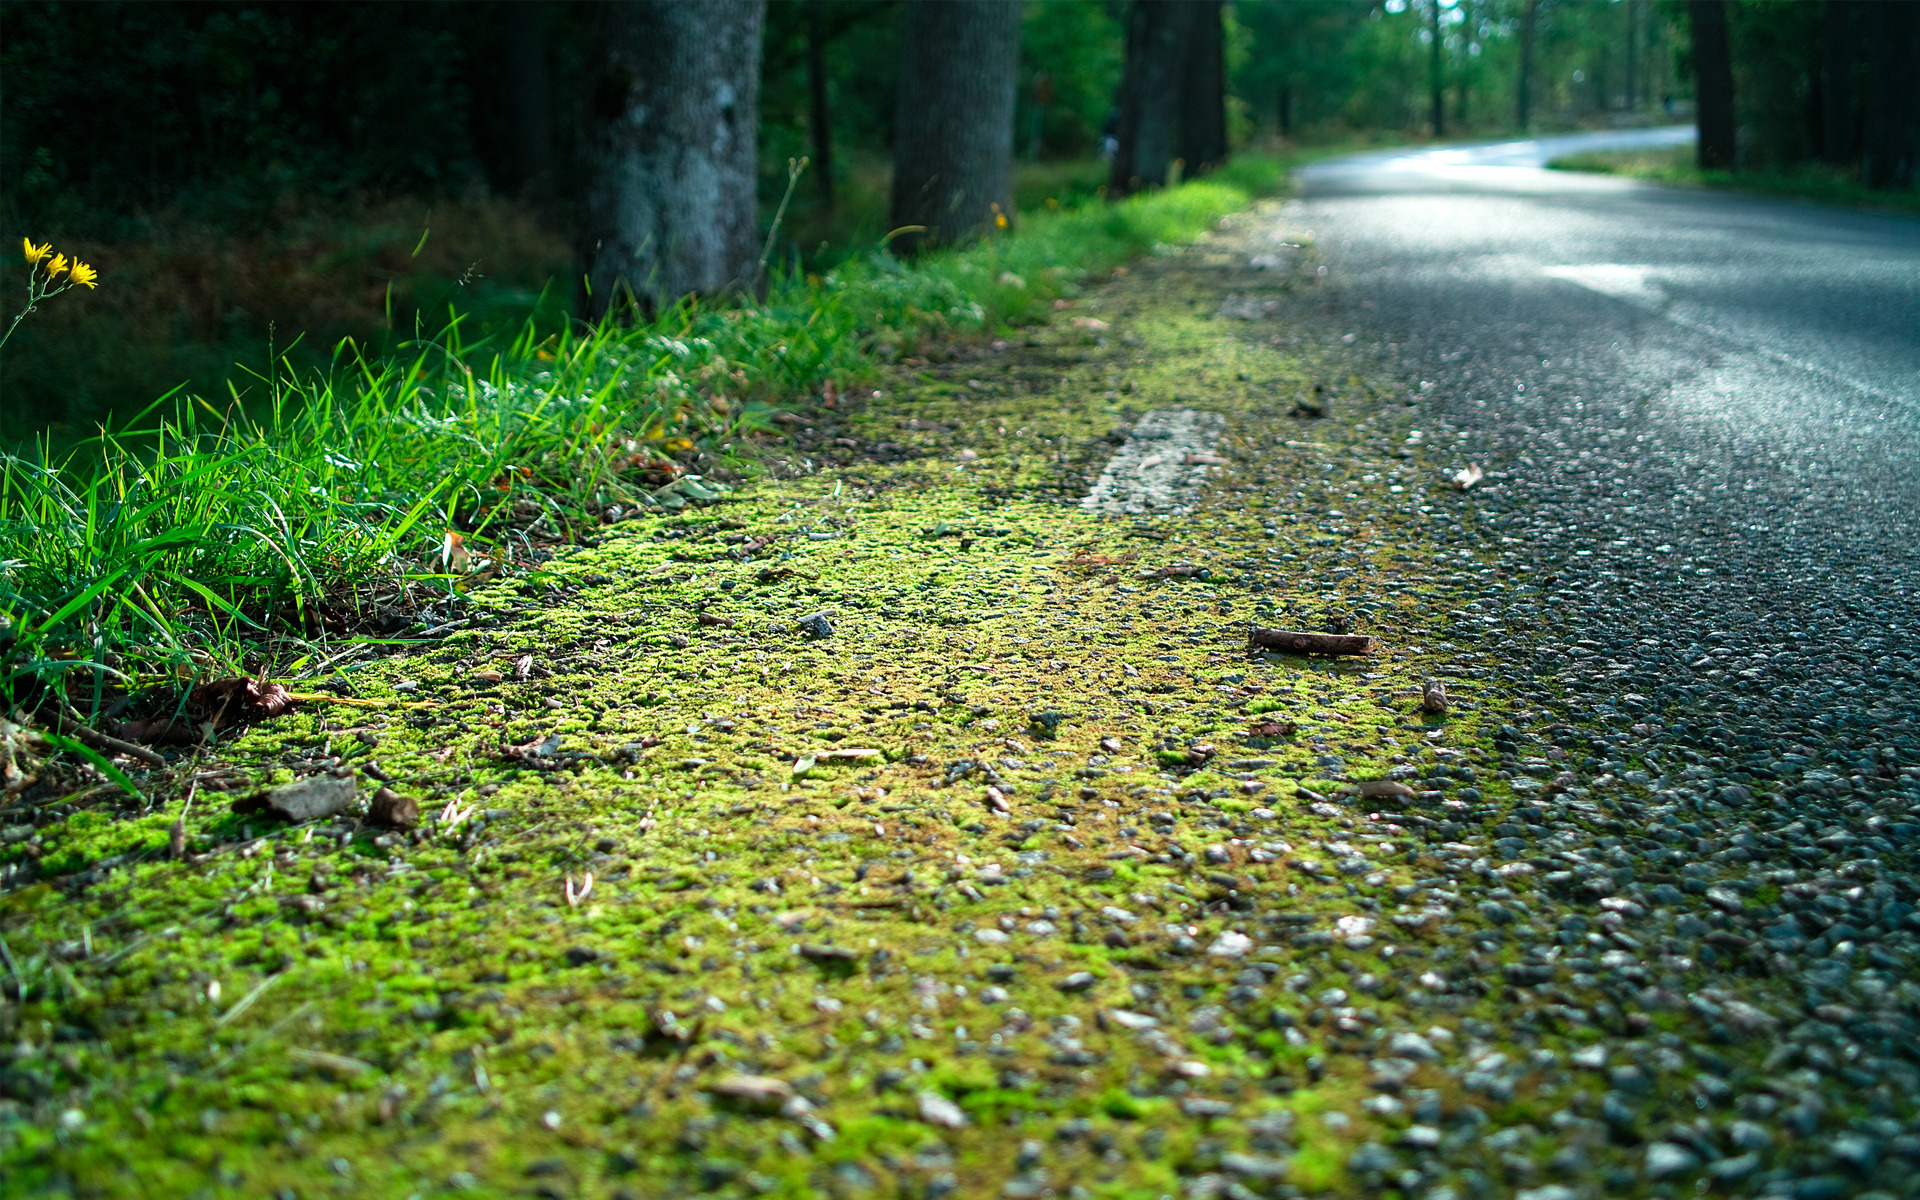 forest moss wallpaper 34397